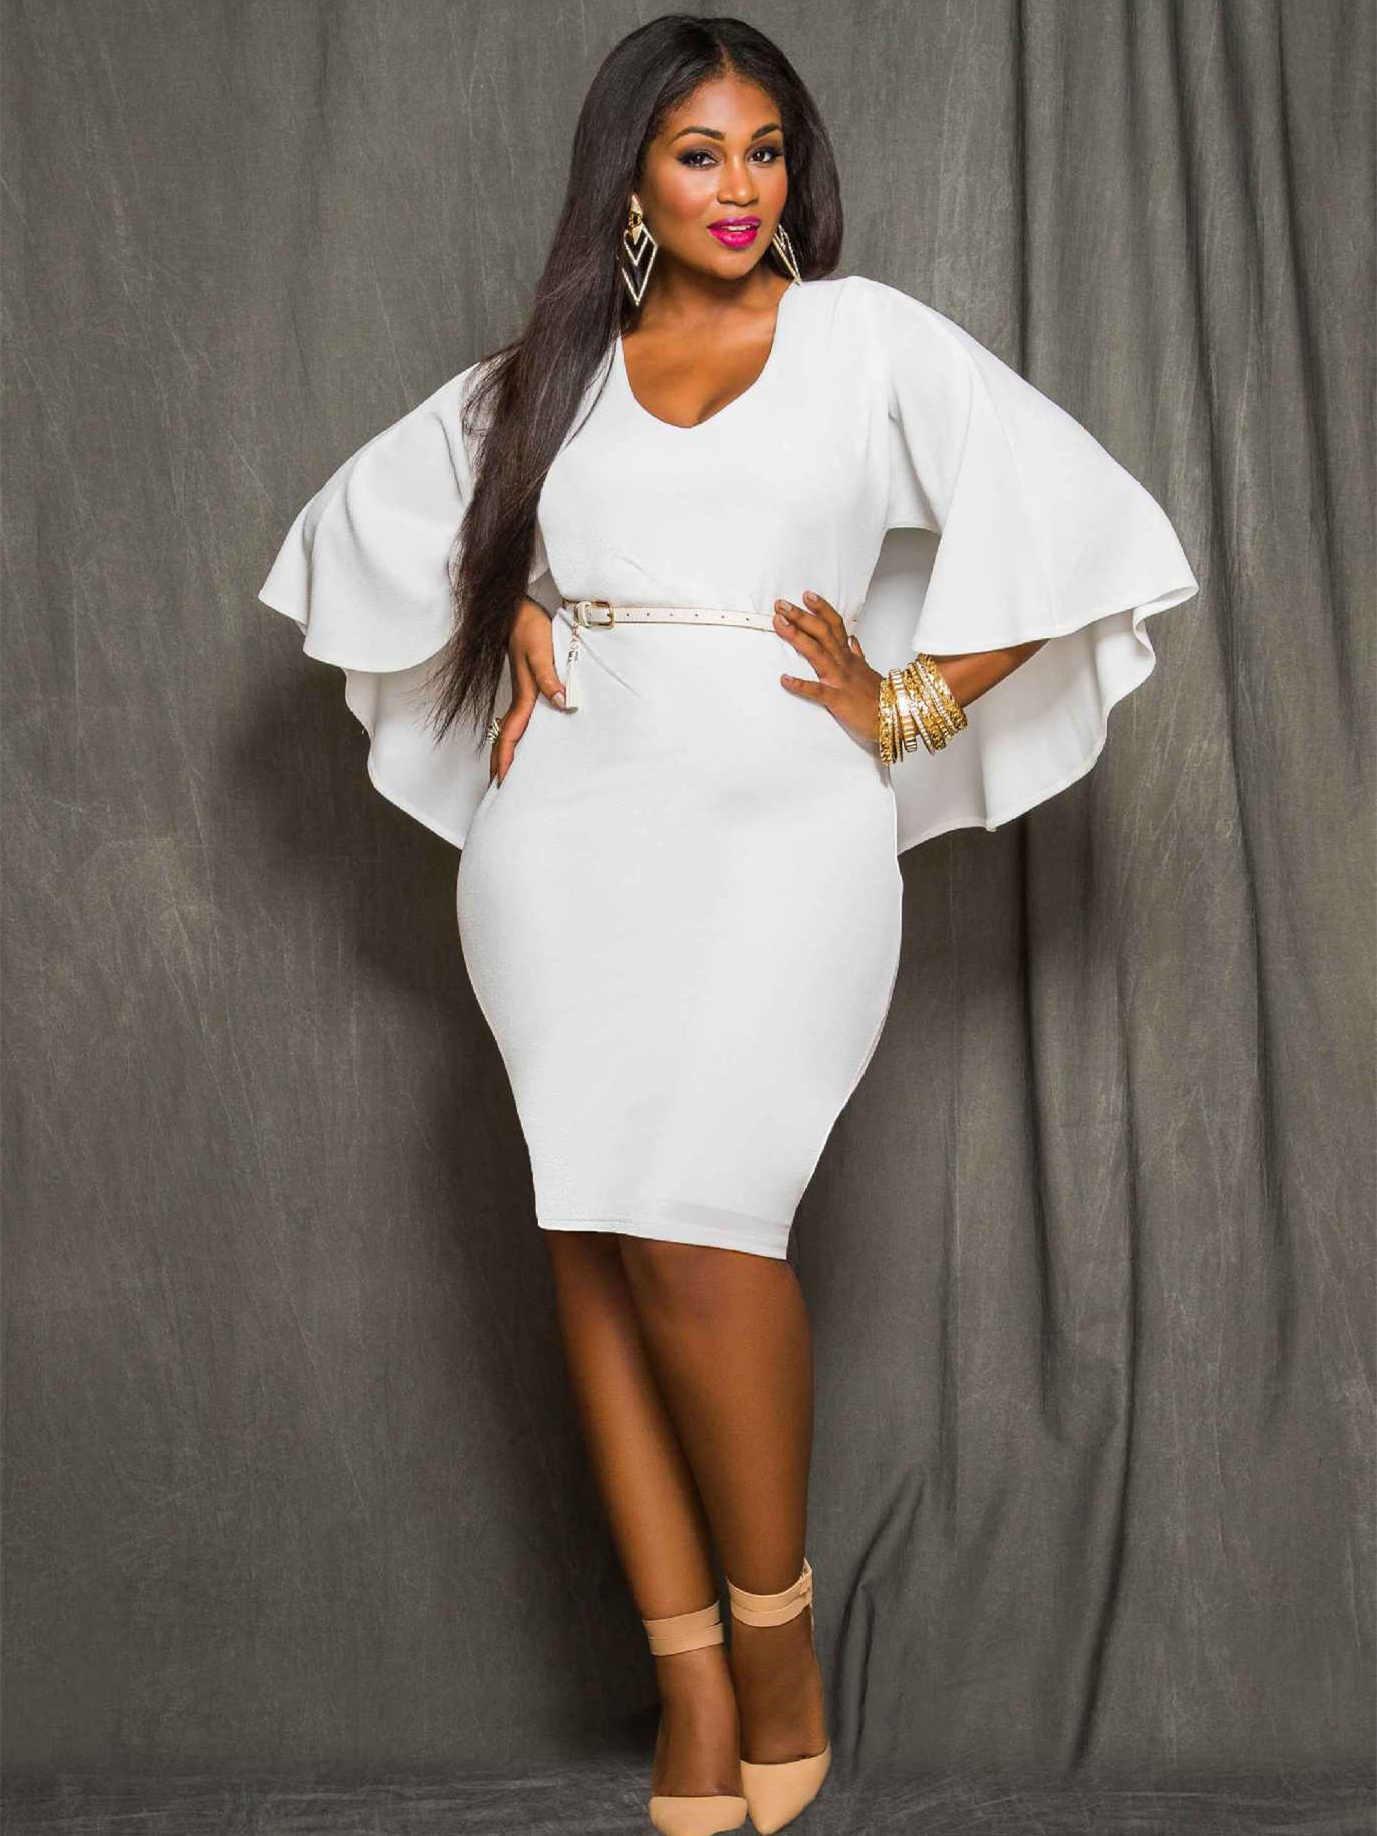 Abend Luxurius Kleid Weiß Kurz Vertrieb Erstaunlich Kleid Weiß Kurz Bester Preis